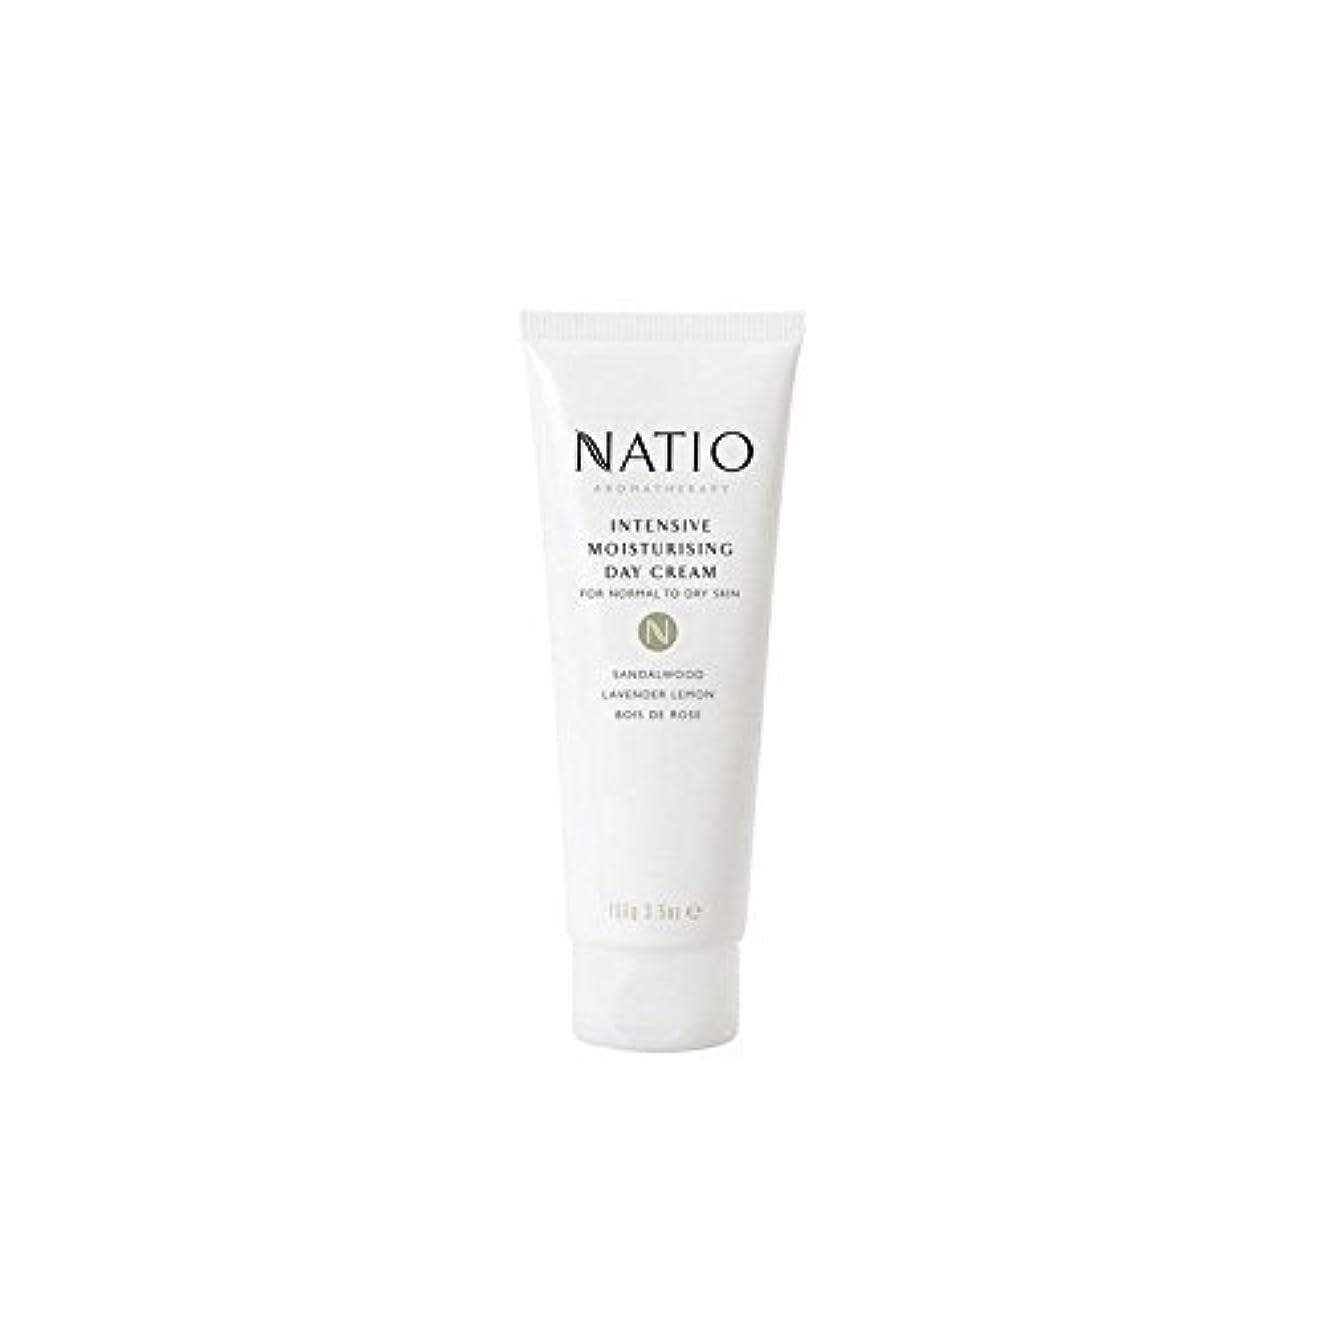 グリースぞっとするような報酬の集中的な保湿デイクリーム(100グラム) x2 - Natio Intensive Moisturising Day Cream (100G) (Pack of 2) [並行輸入品]